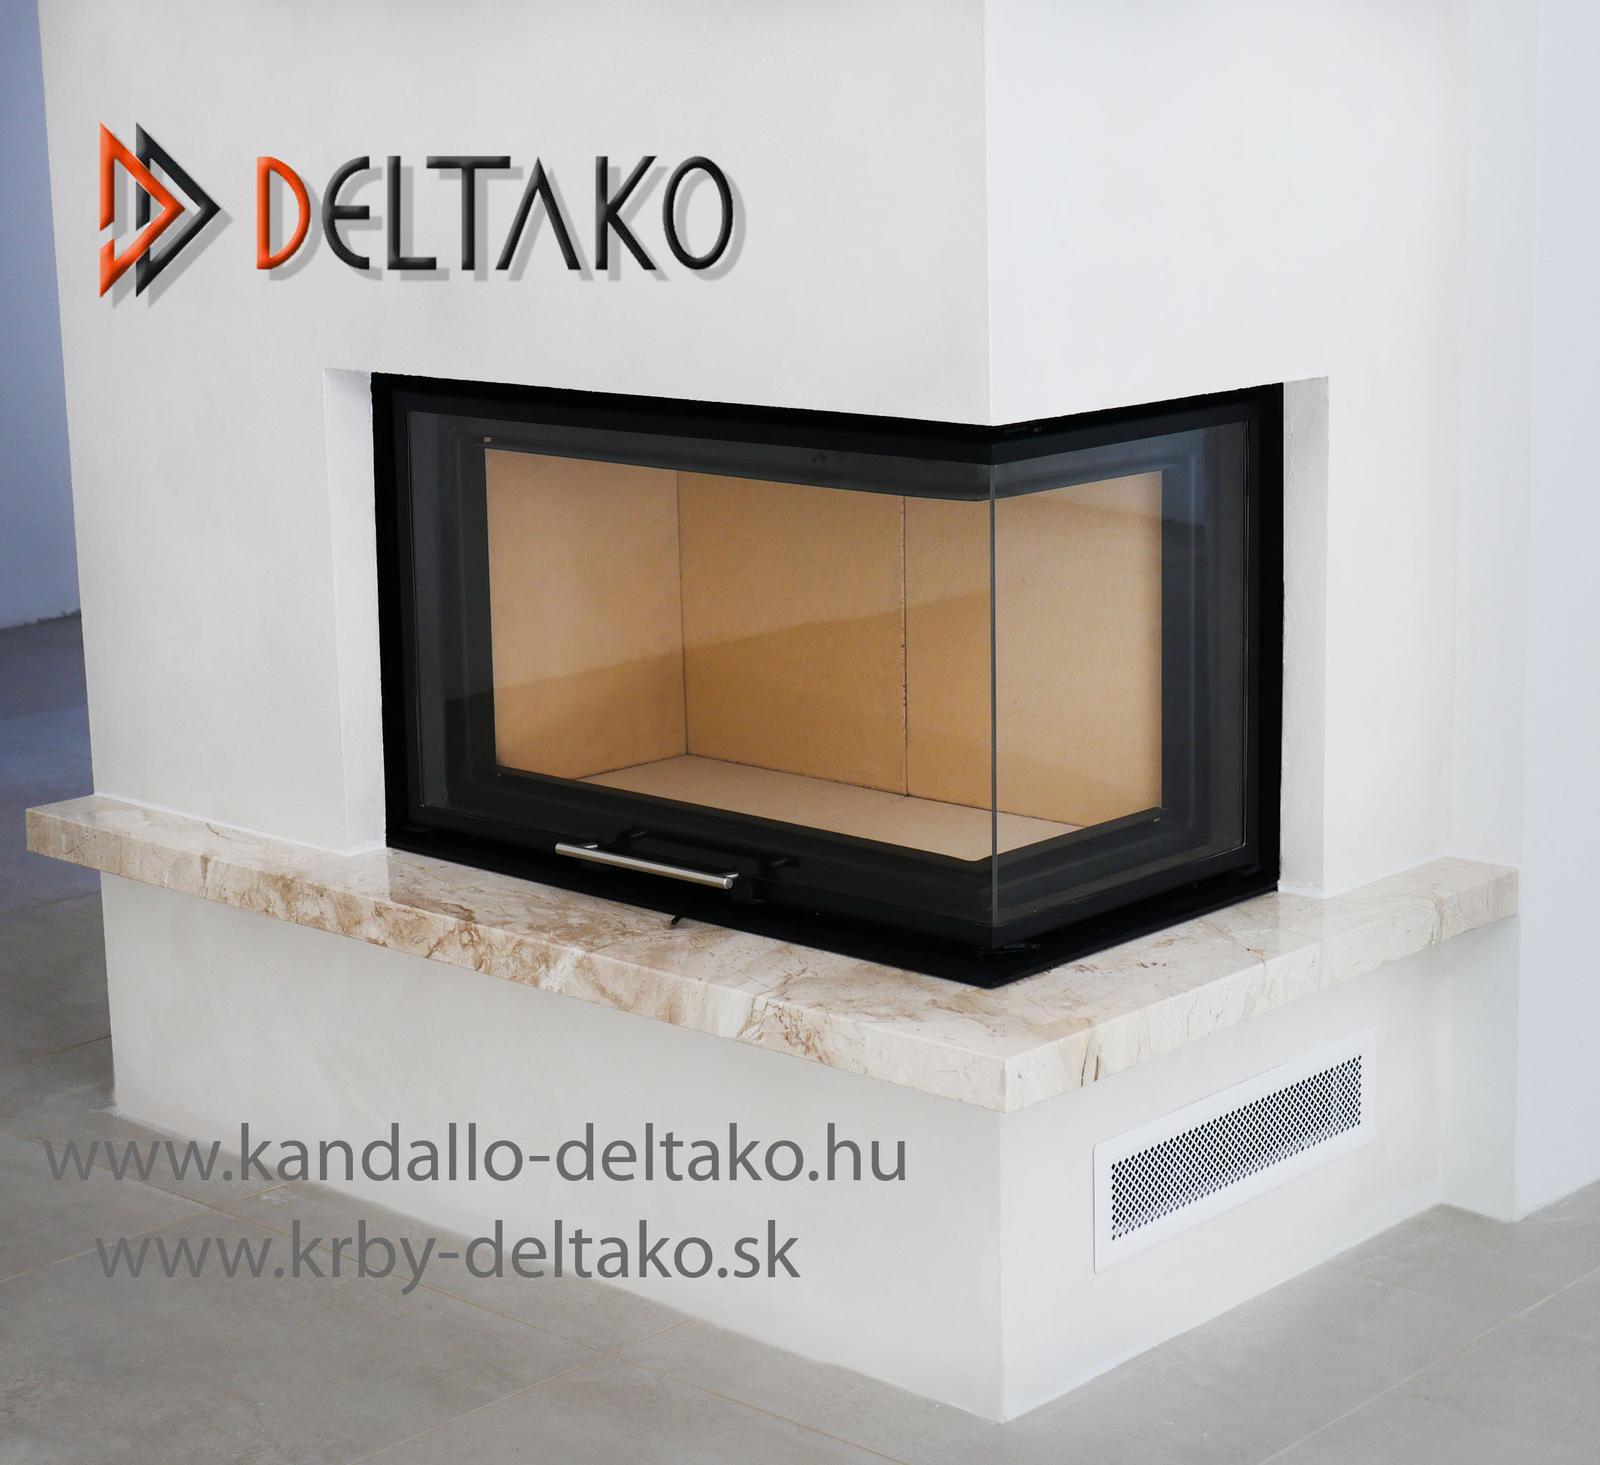 Rohový krb Deltako L80 - Vytvorili sme krb podľa Vašich predstáv. Deltako L80. www.krby-deltako.sk